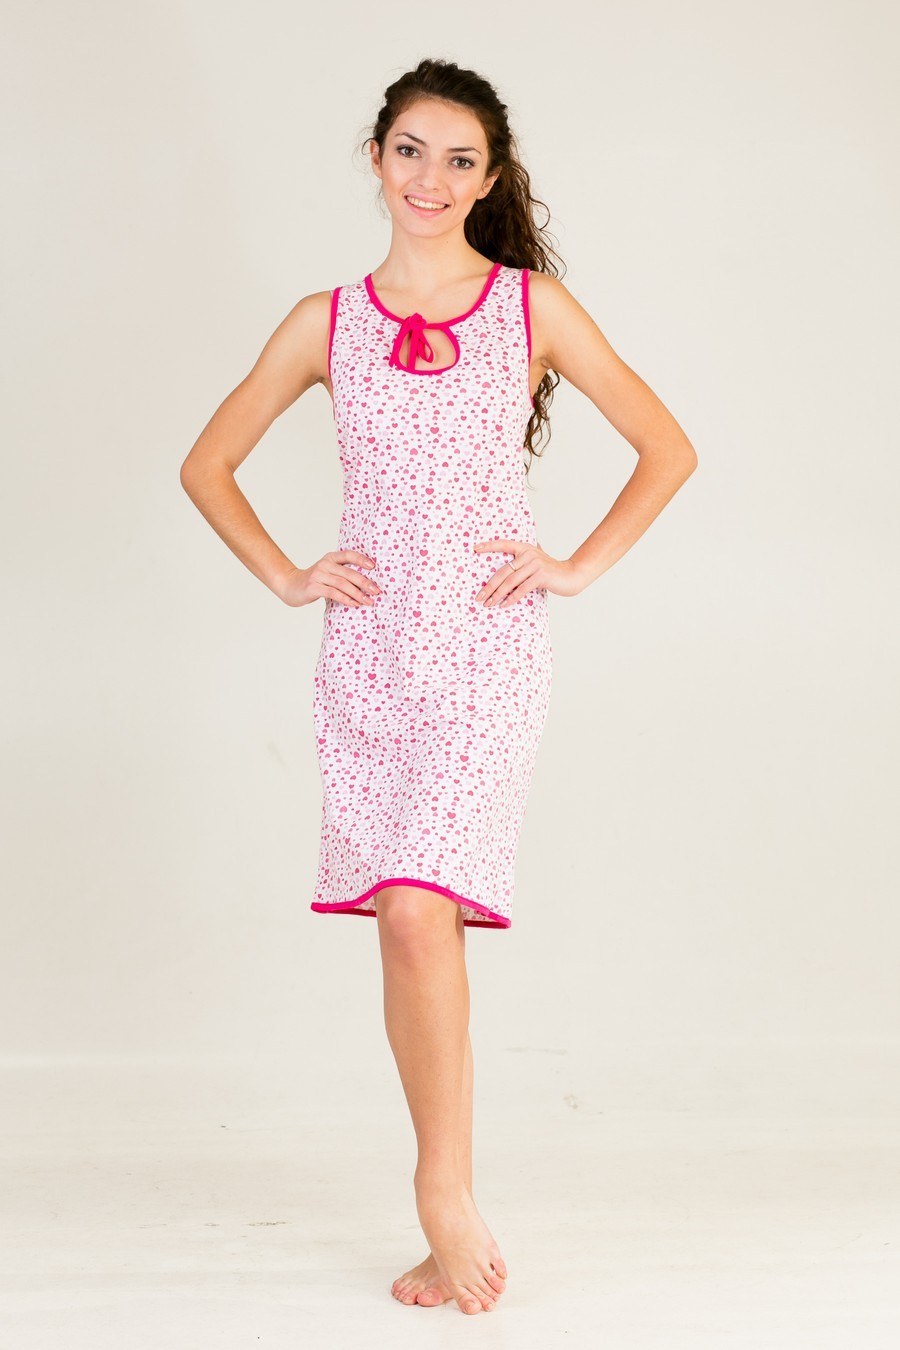 Сорочка женская Капля цвета в ассортиментеДомашняя одежда<br><br><br>Размер: 60